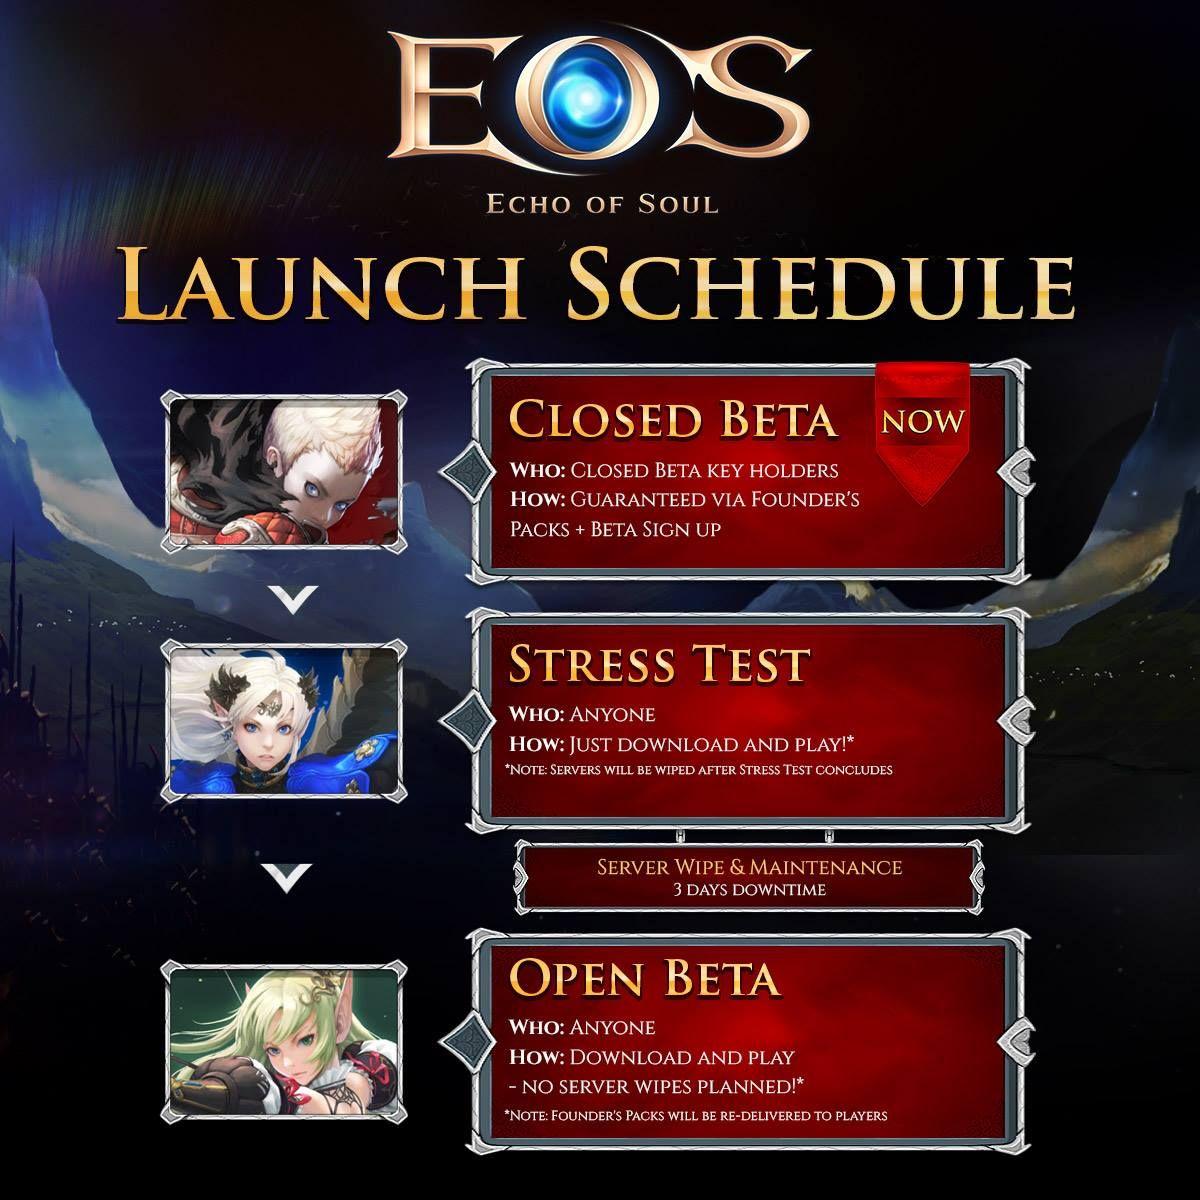 echo of soul release plan